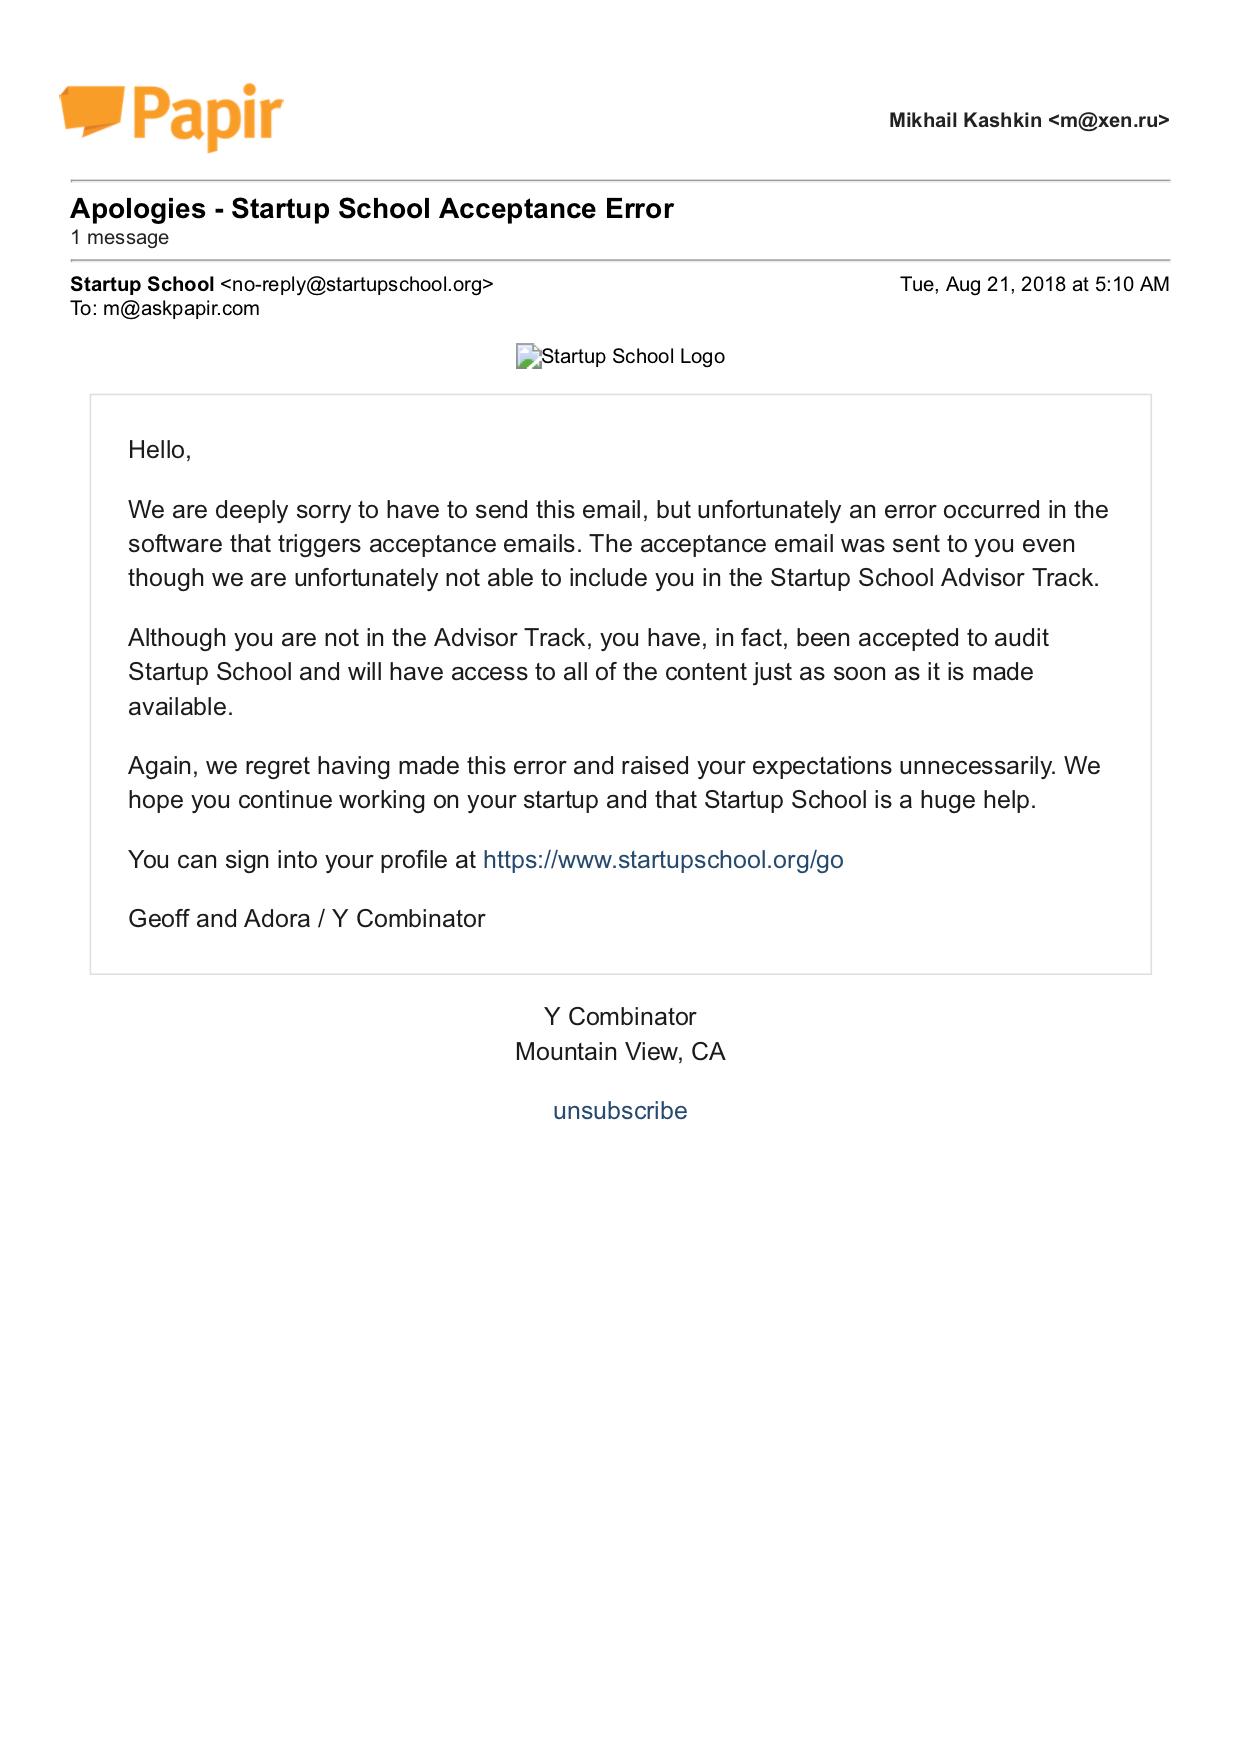 Письмо от Y Combinator